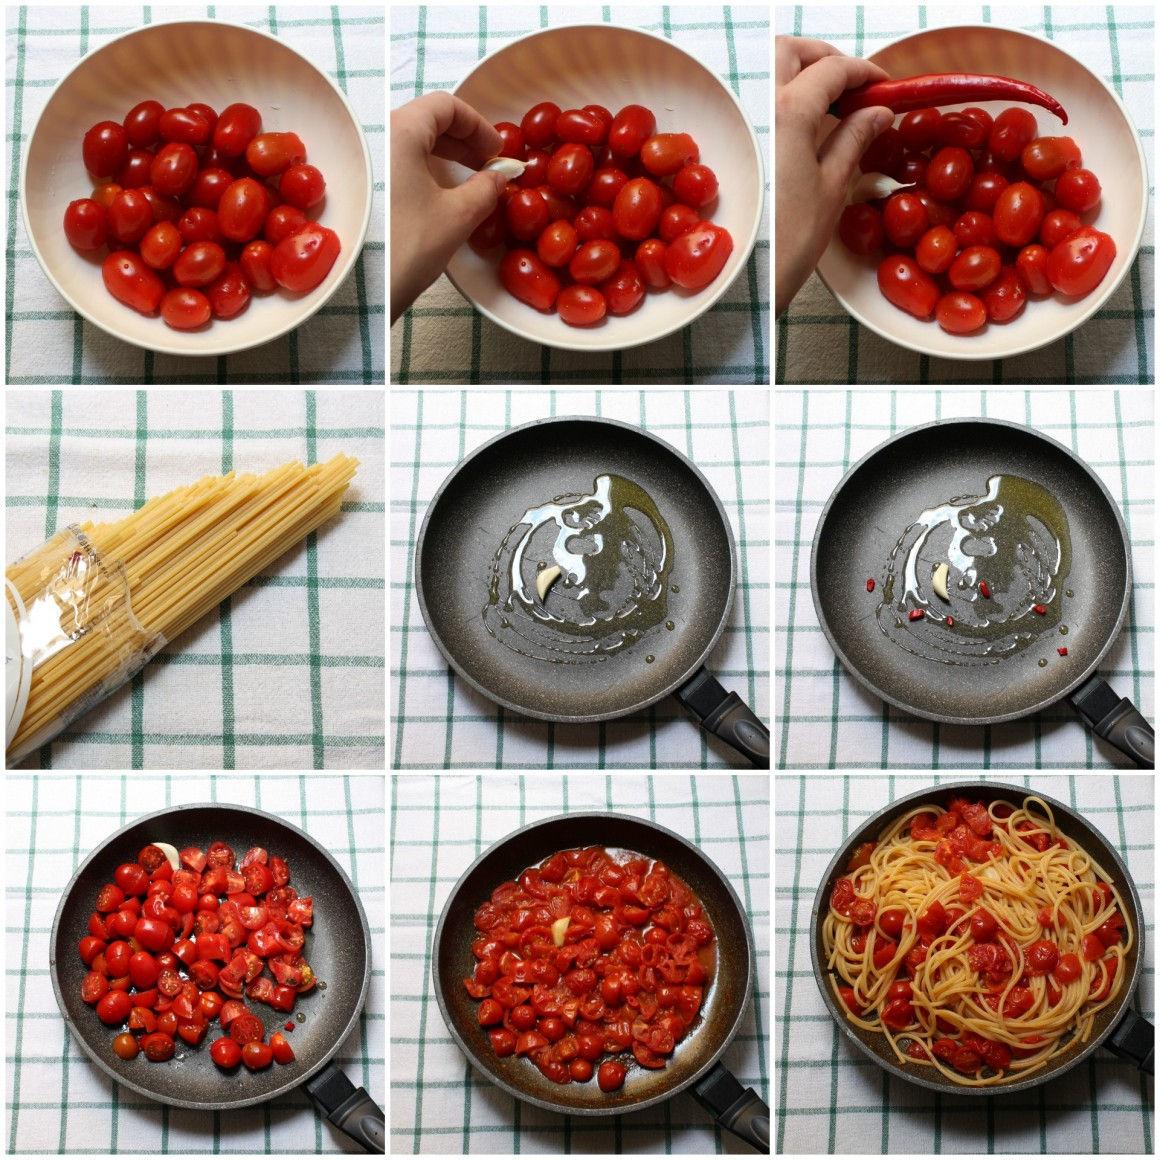 pasta-al-pomodoro-collage-1160x1160